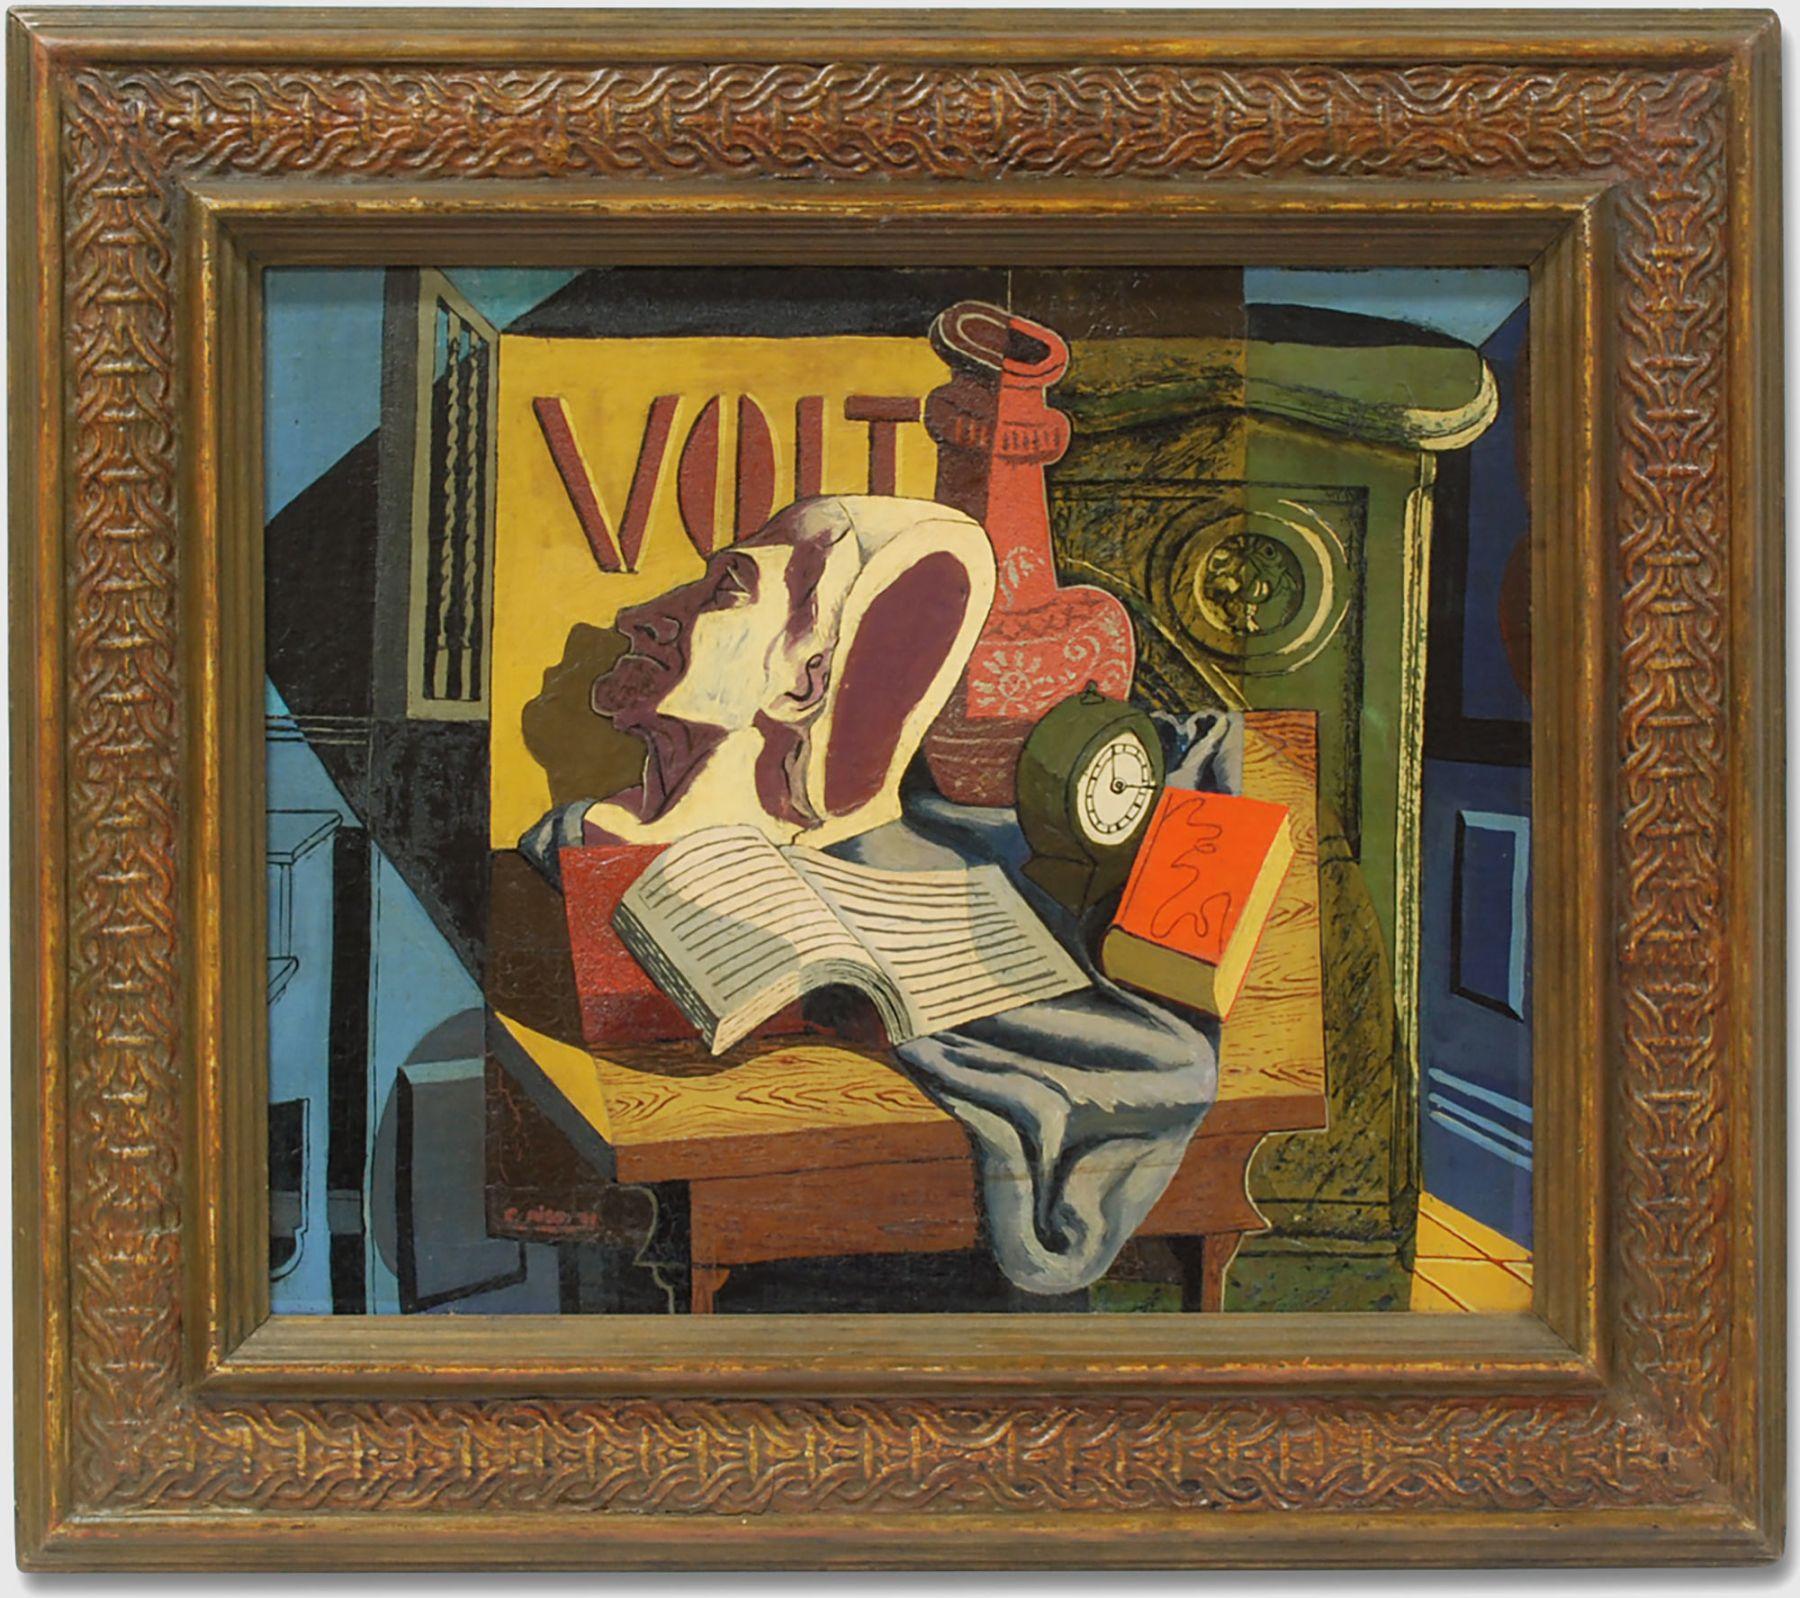 FRANCIS CRISS (1901-1973), Still Life, 1930